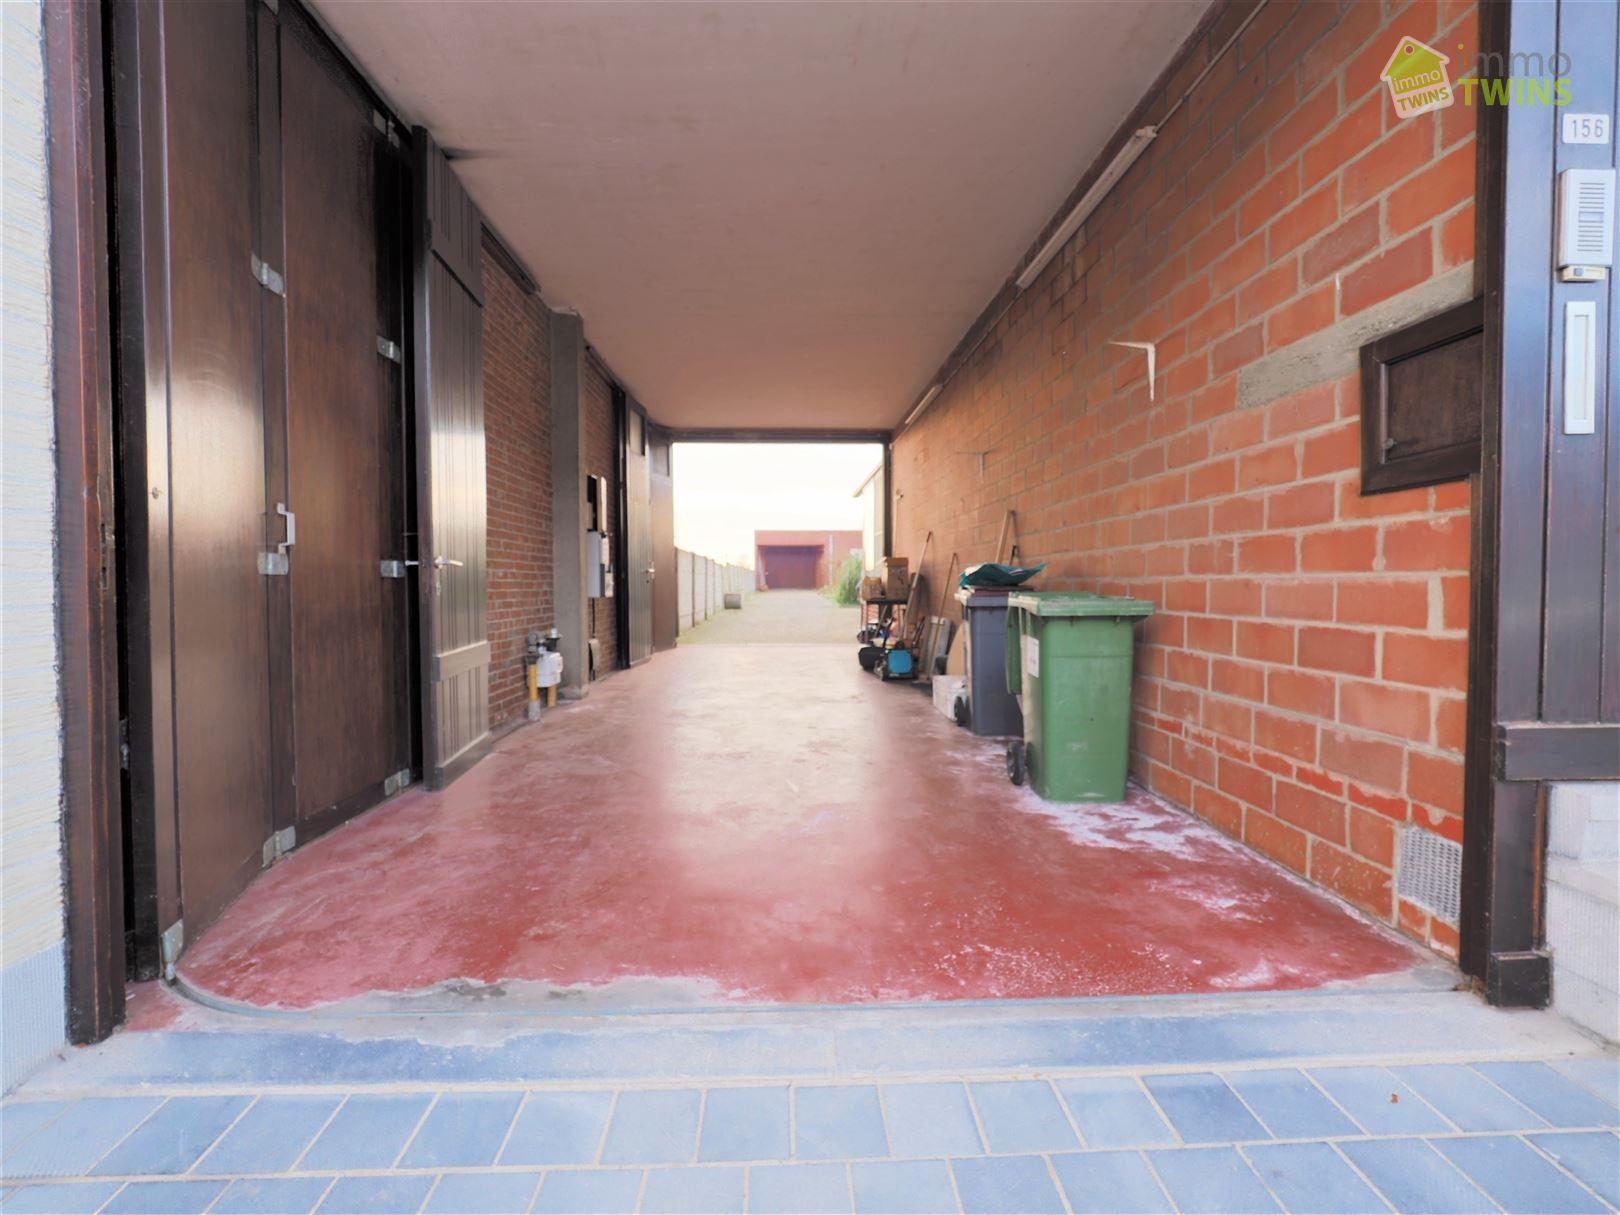 Foto 27 : Huis te 9240 ZELE (België) - Prijs € 345.000